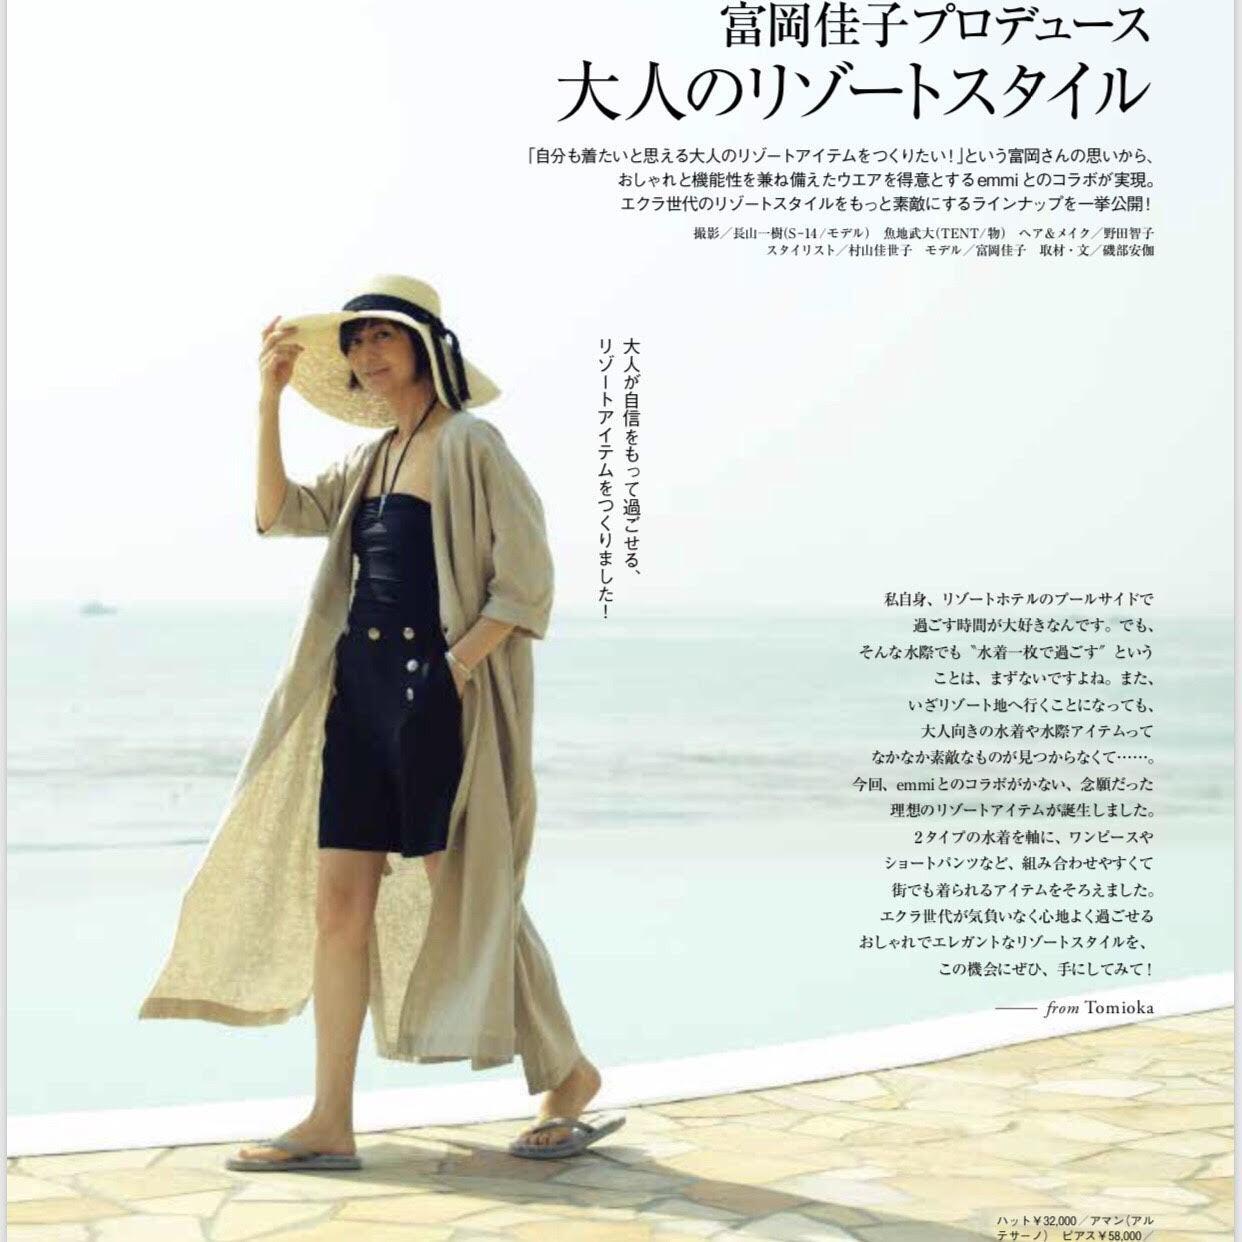 [富岡佳子private life]YOSHIKO TOMIOKA for emmi_1_1